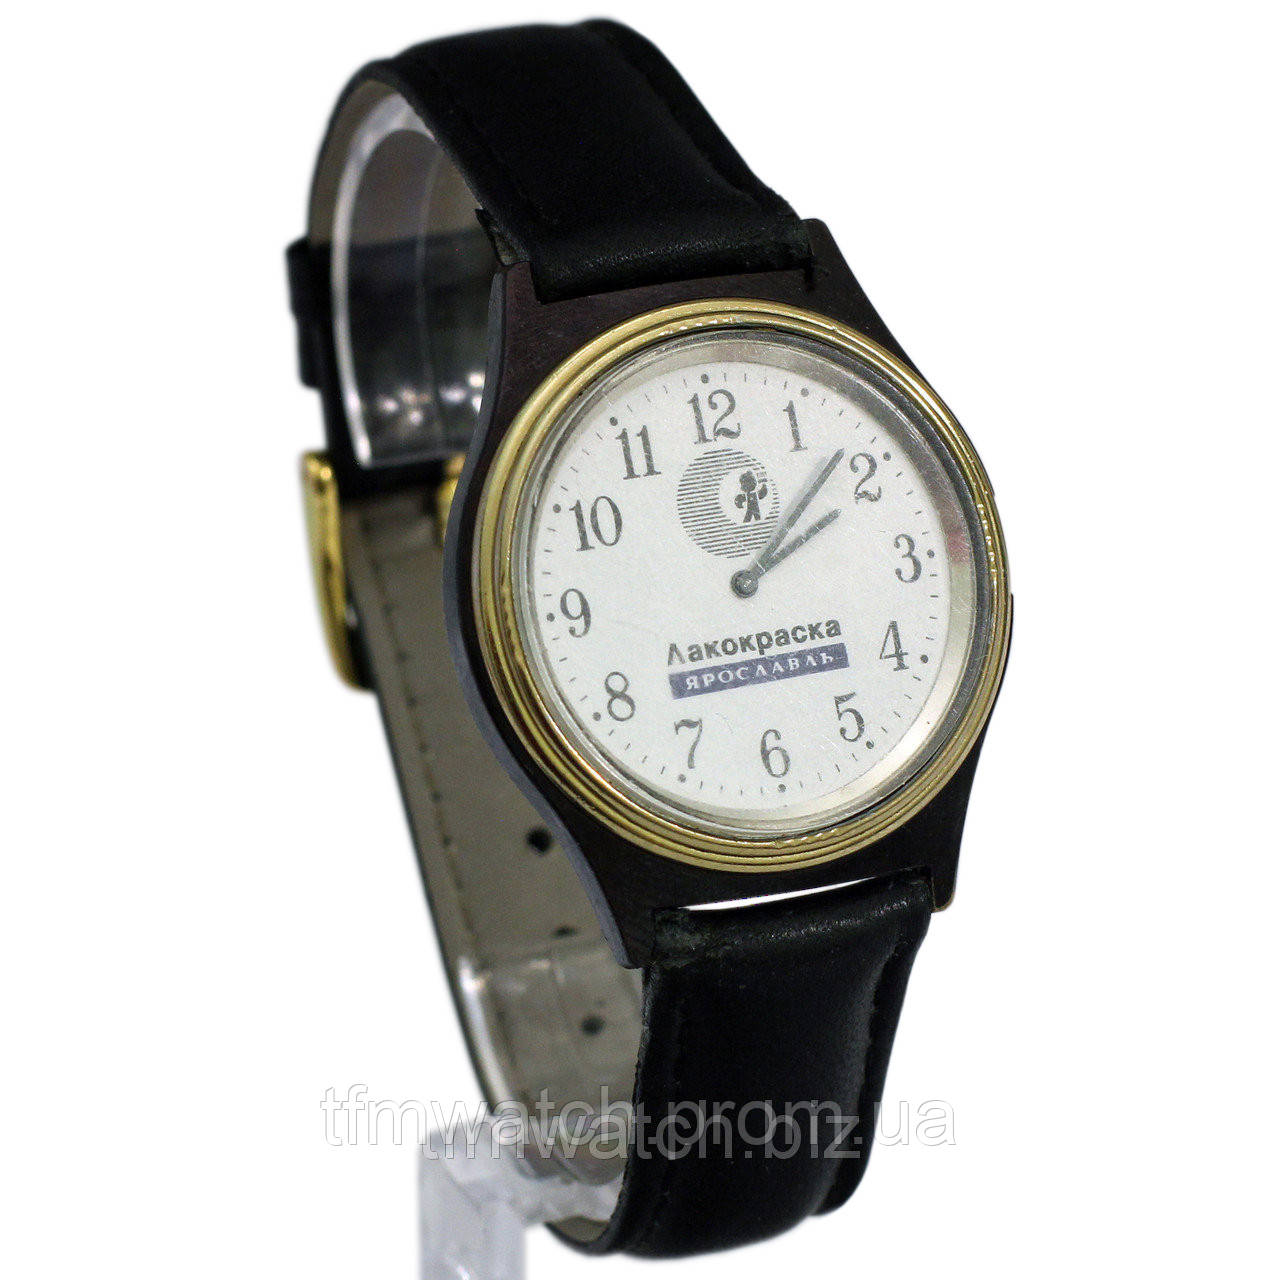 Часы ярославль продать часы краснодар продать